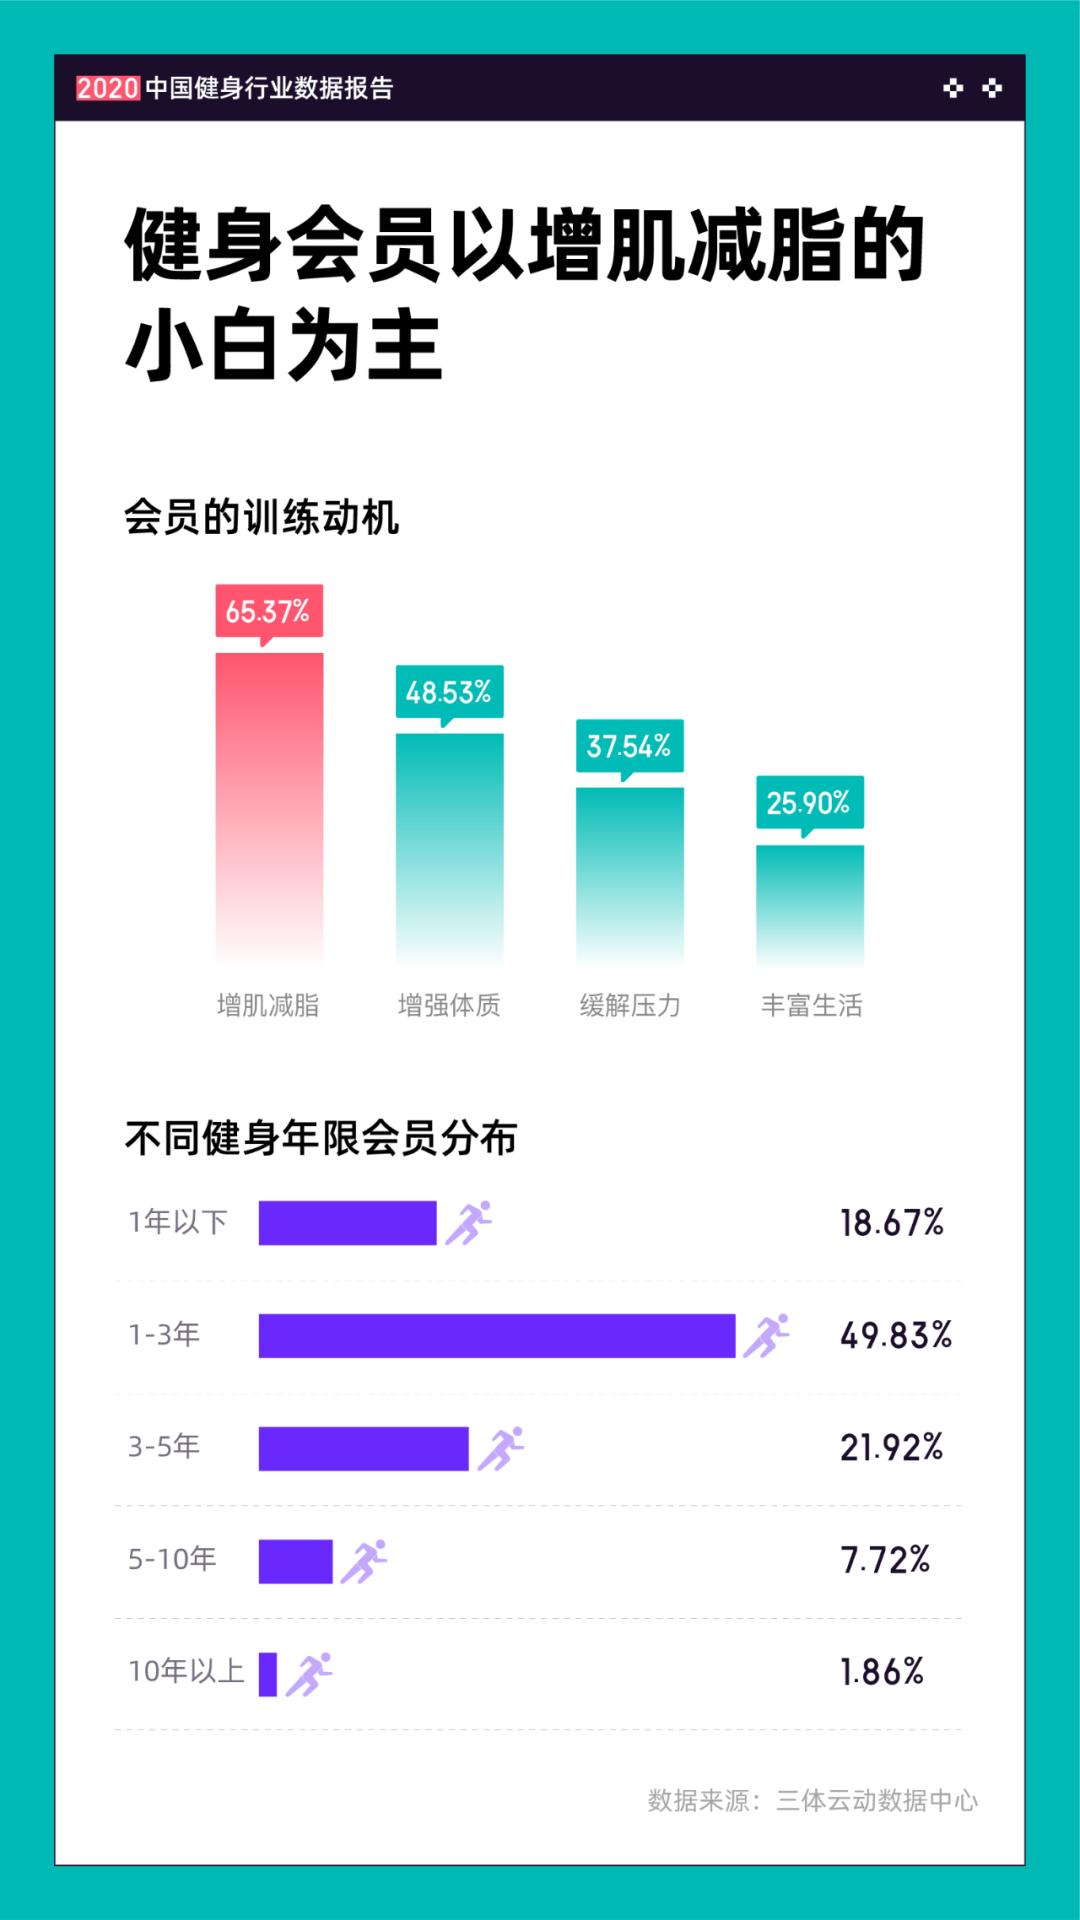 《2020中国健身行业数据报告》正式发布!332项经营与消费数据为体育健身场馆提供决策参考